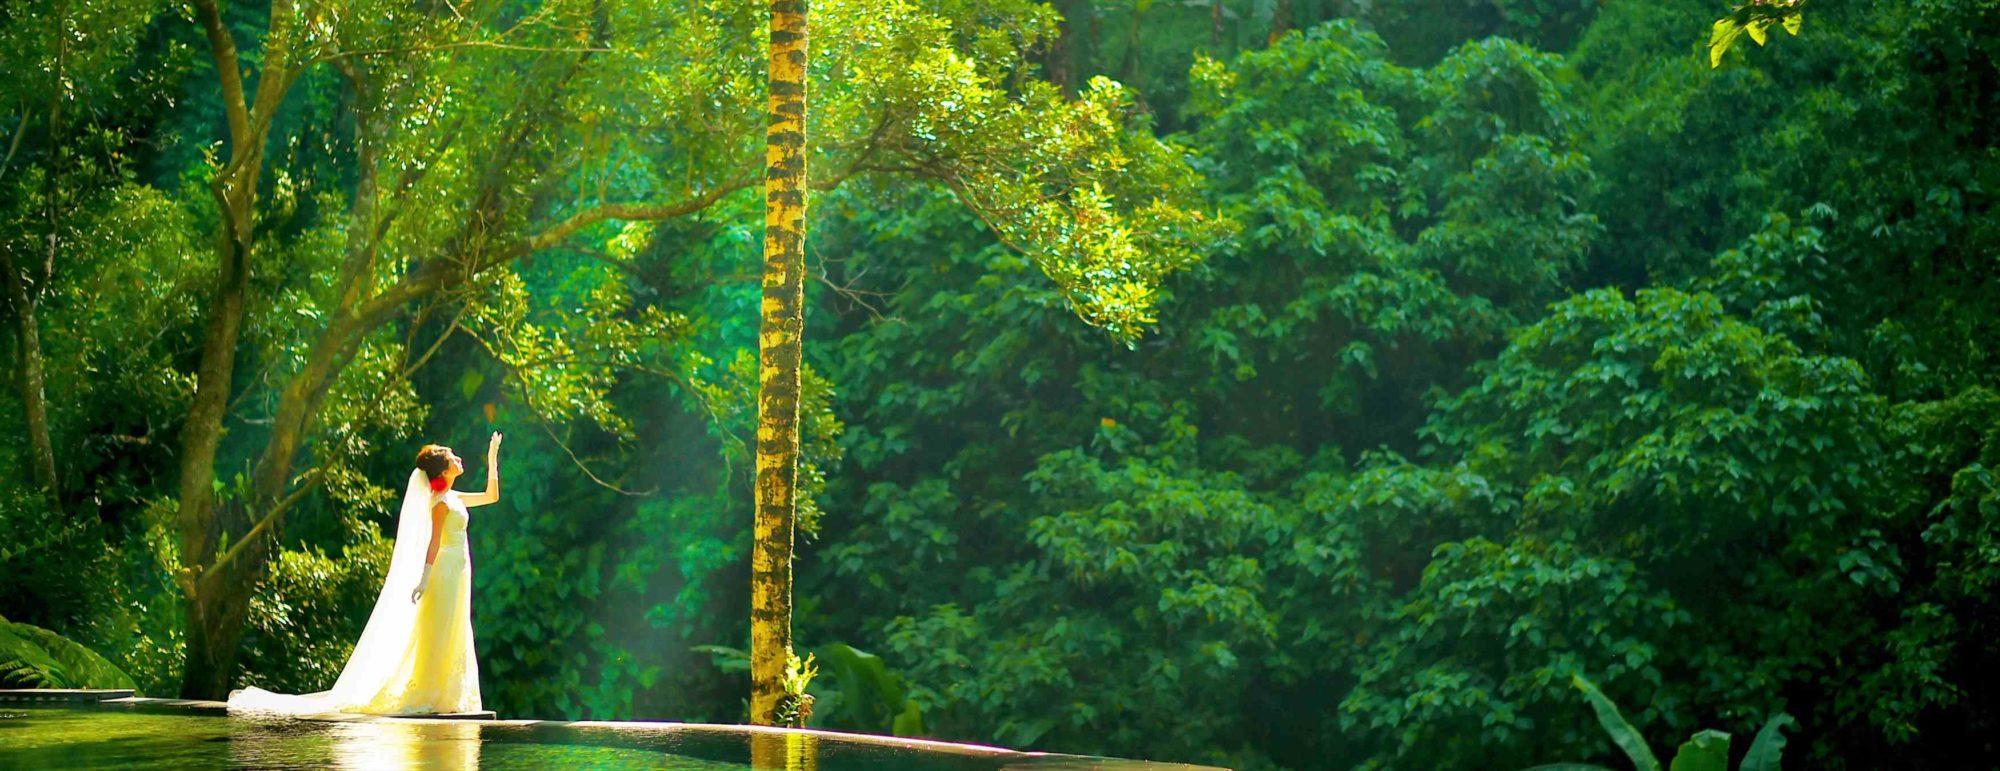 バリ島ウブド・フォトウェディング Maya Ubud Resort ~マヤ・ウブド・リゾート